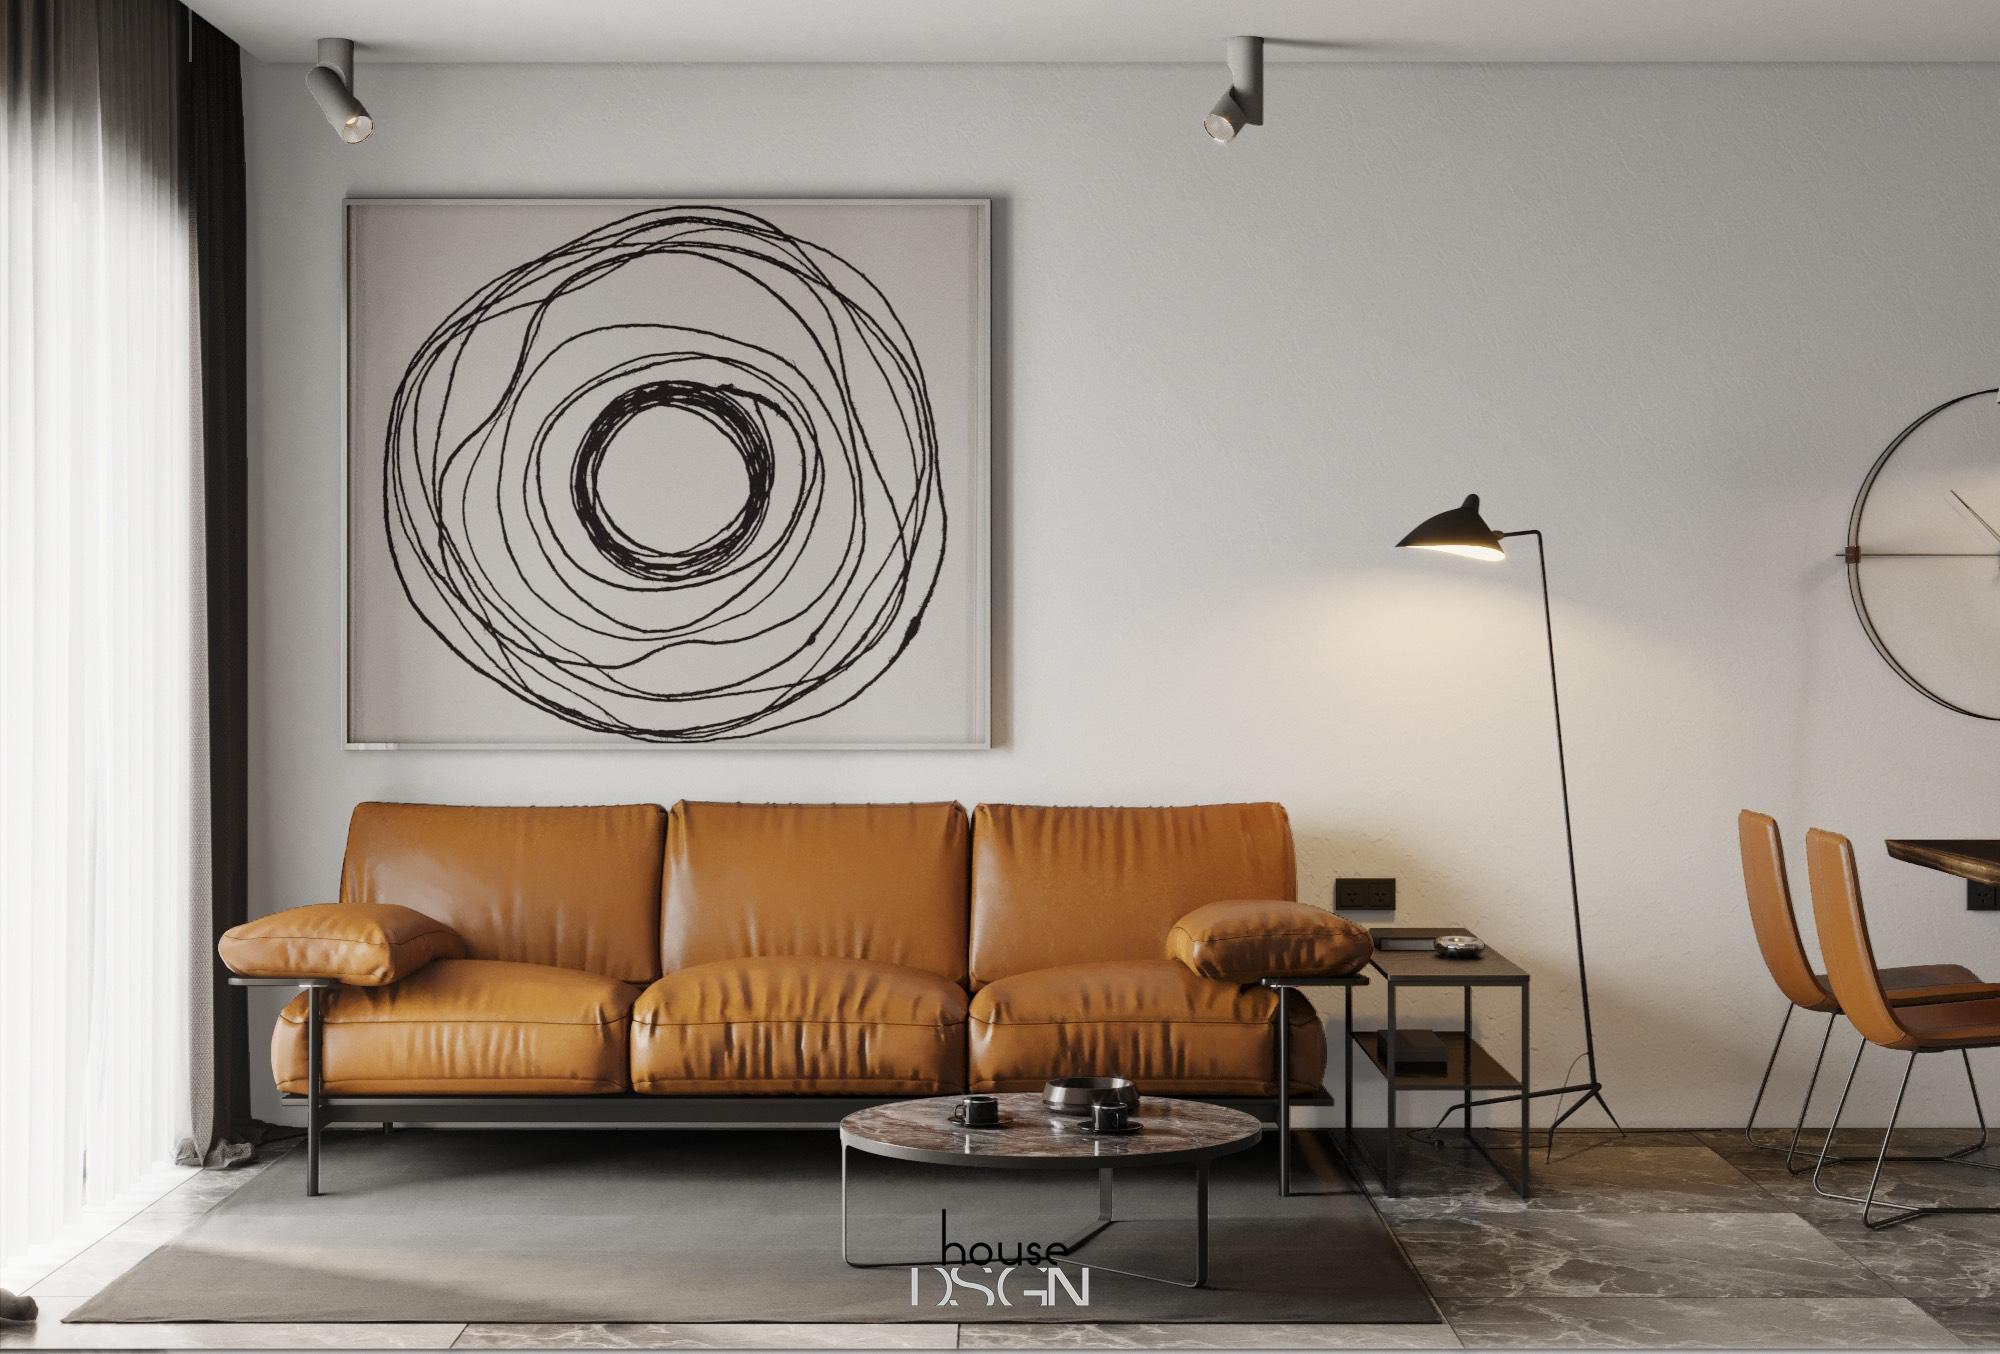 thiết kế căn hộ chung cư 60m2 tiện nghi